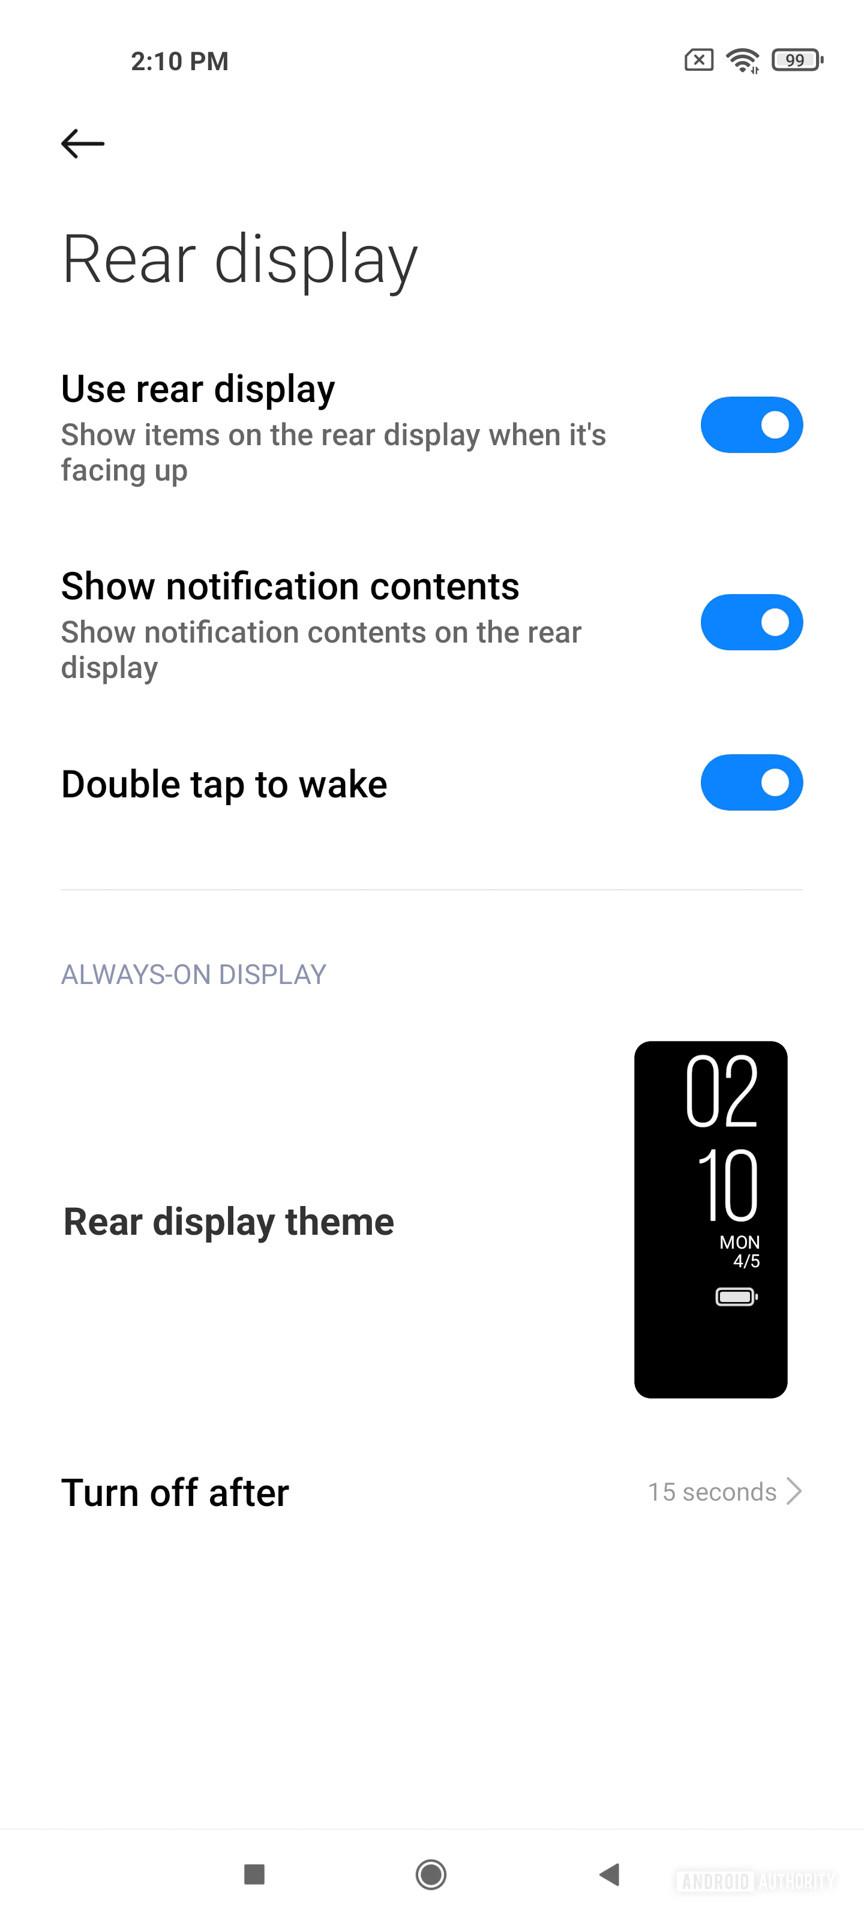 Xiaomi Mi 11 Ultra Rear Display controls